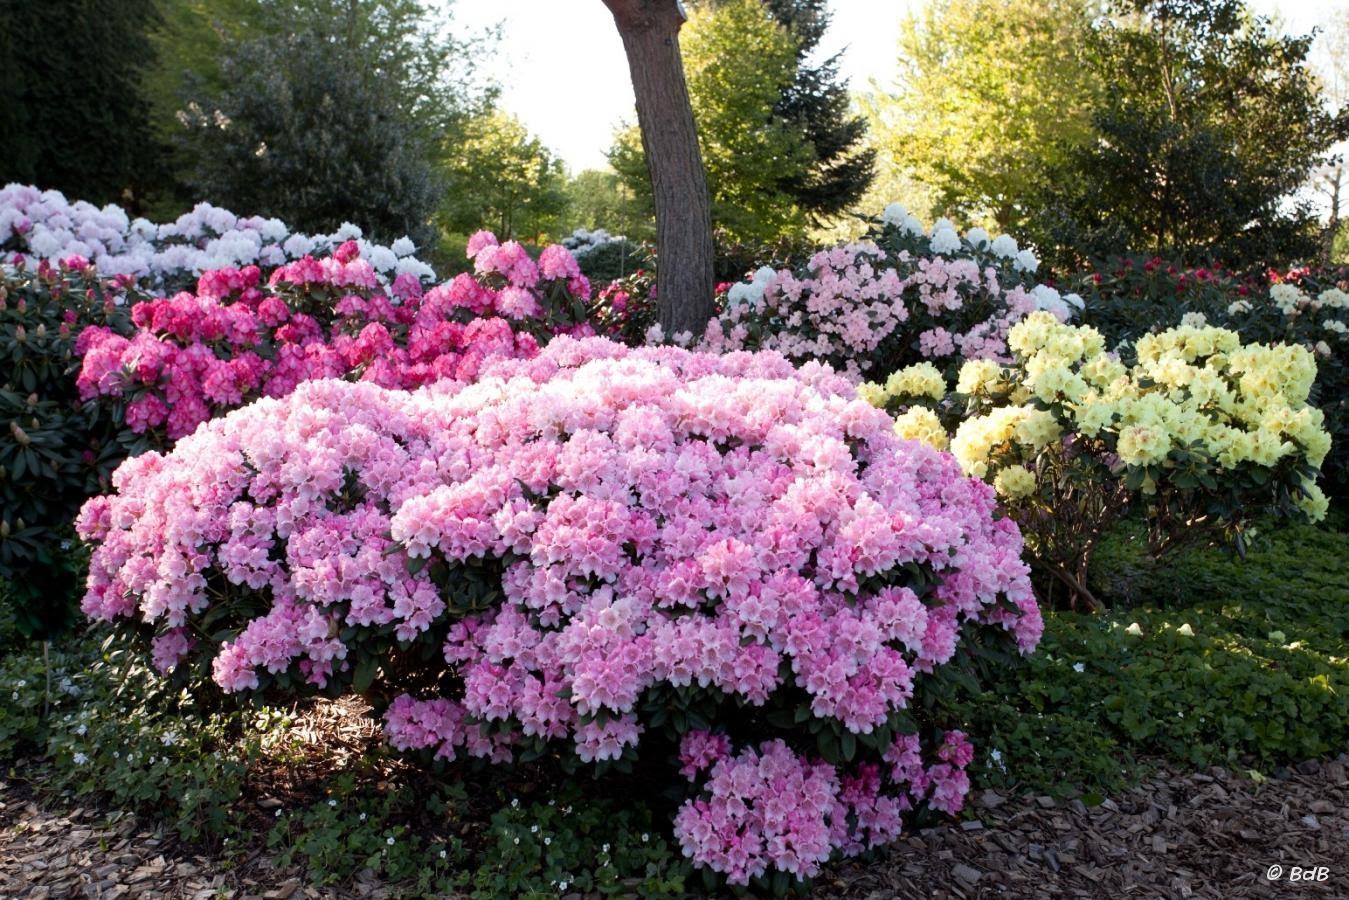 Rhodendron Garden